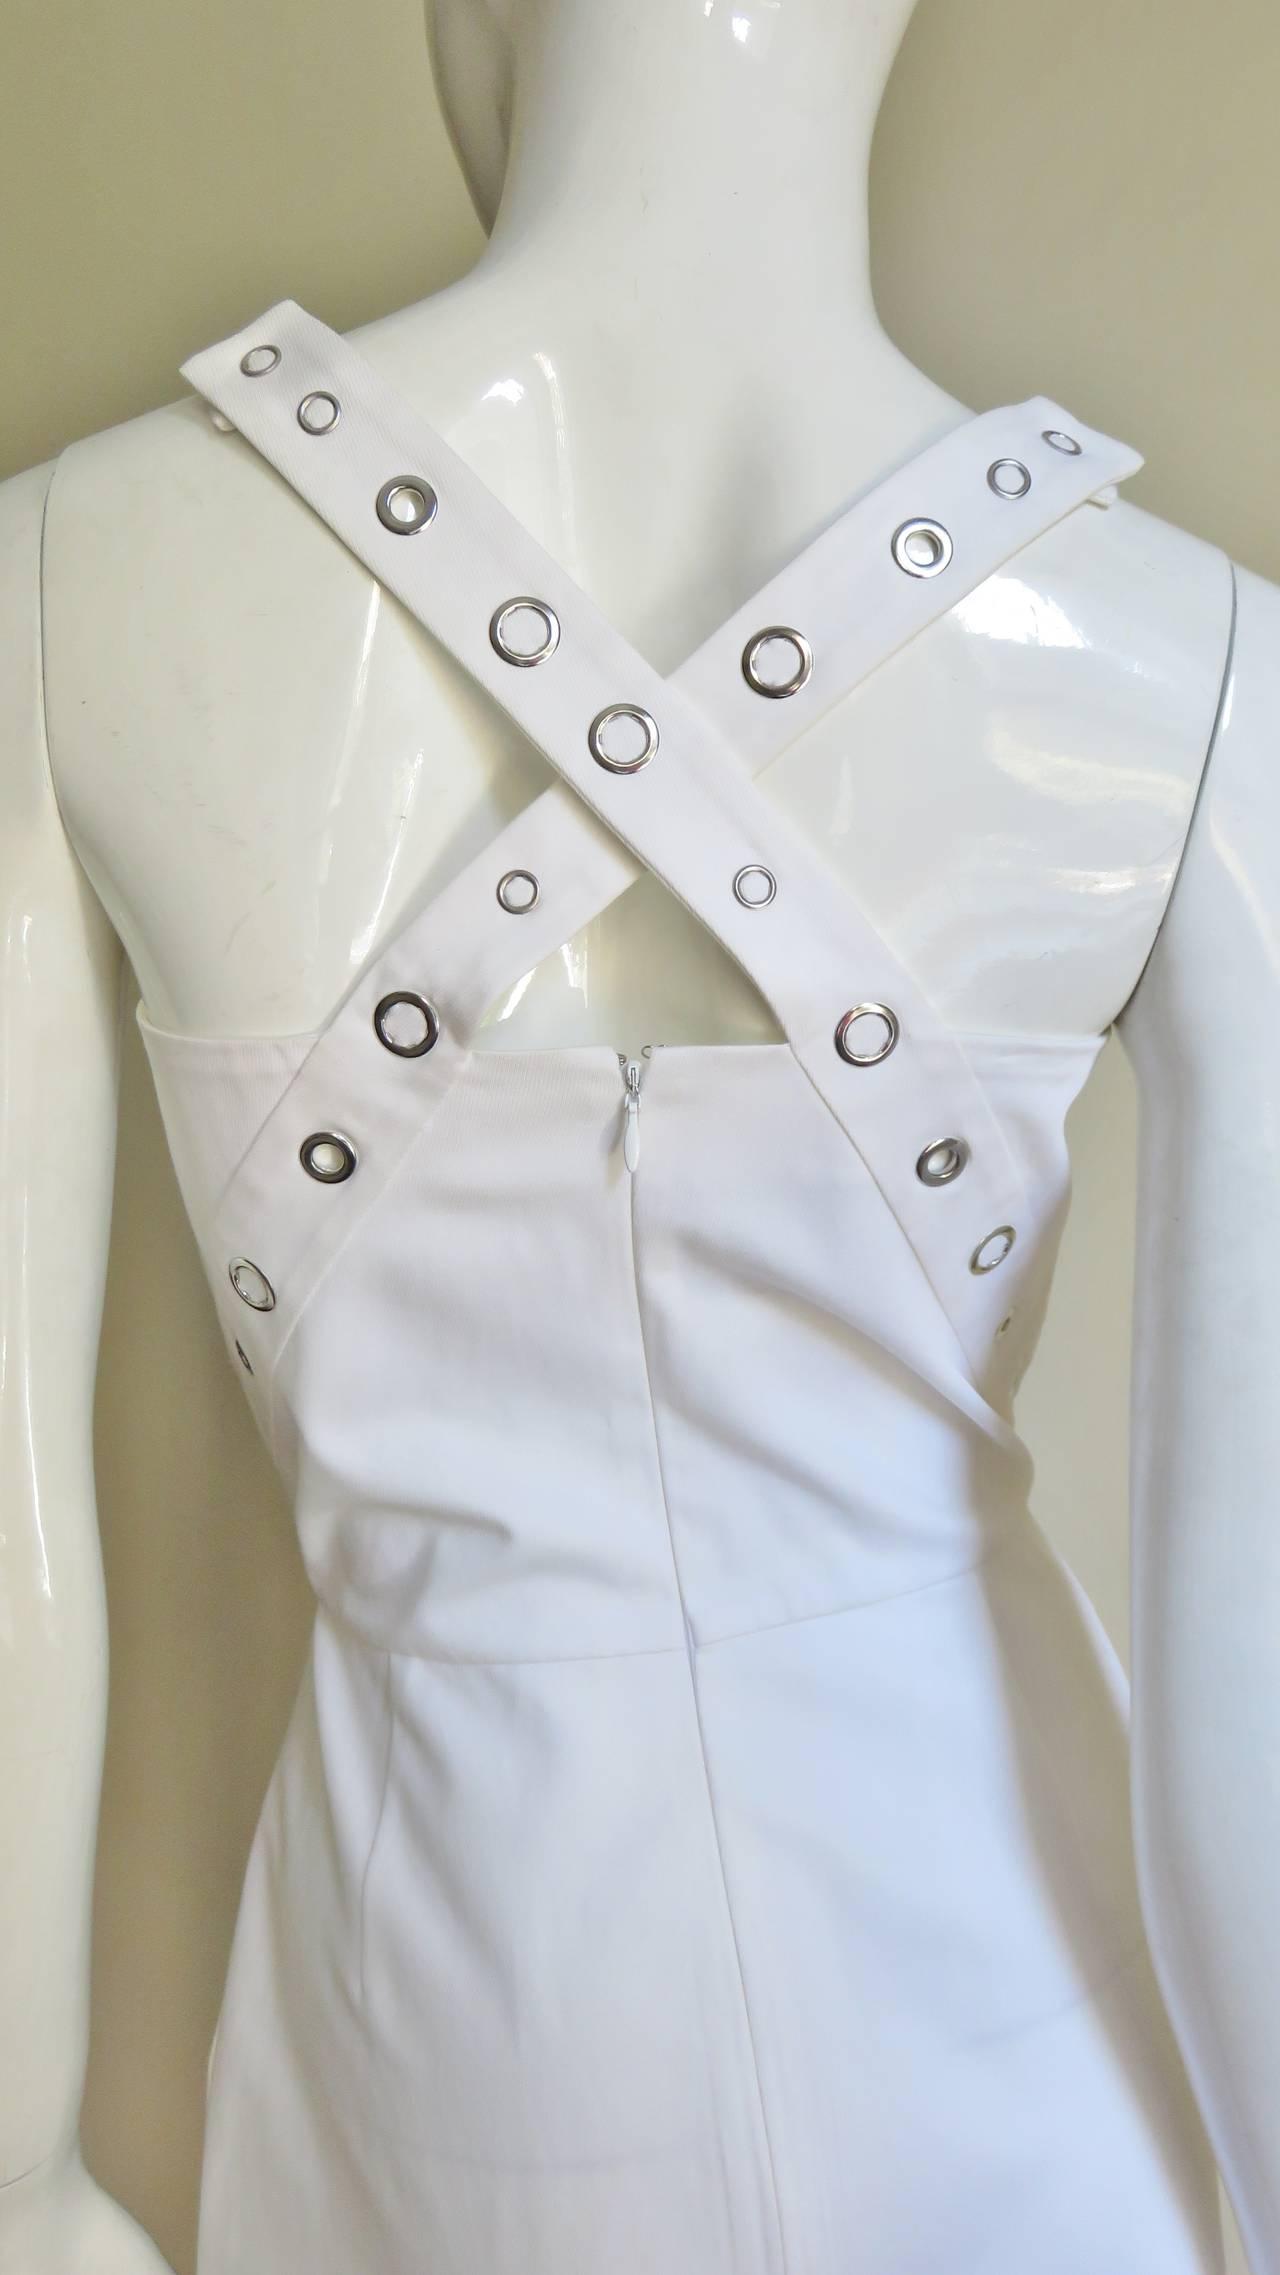 Jean Paul Gaultier Cross Back Dress With Grommets For Sale 2